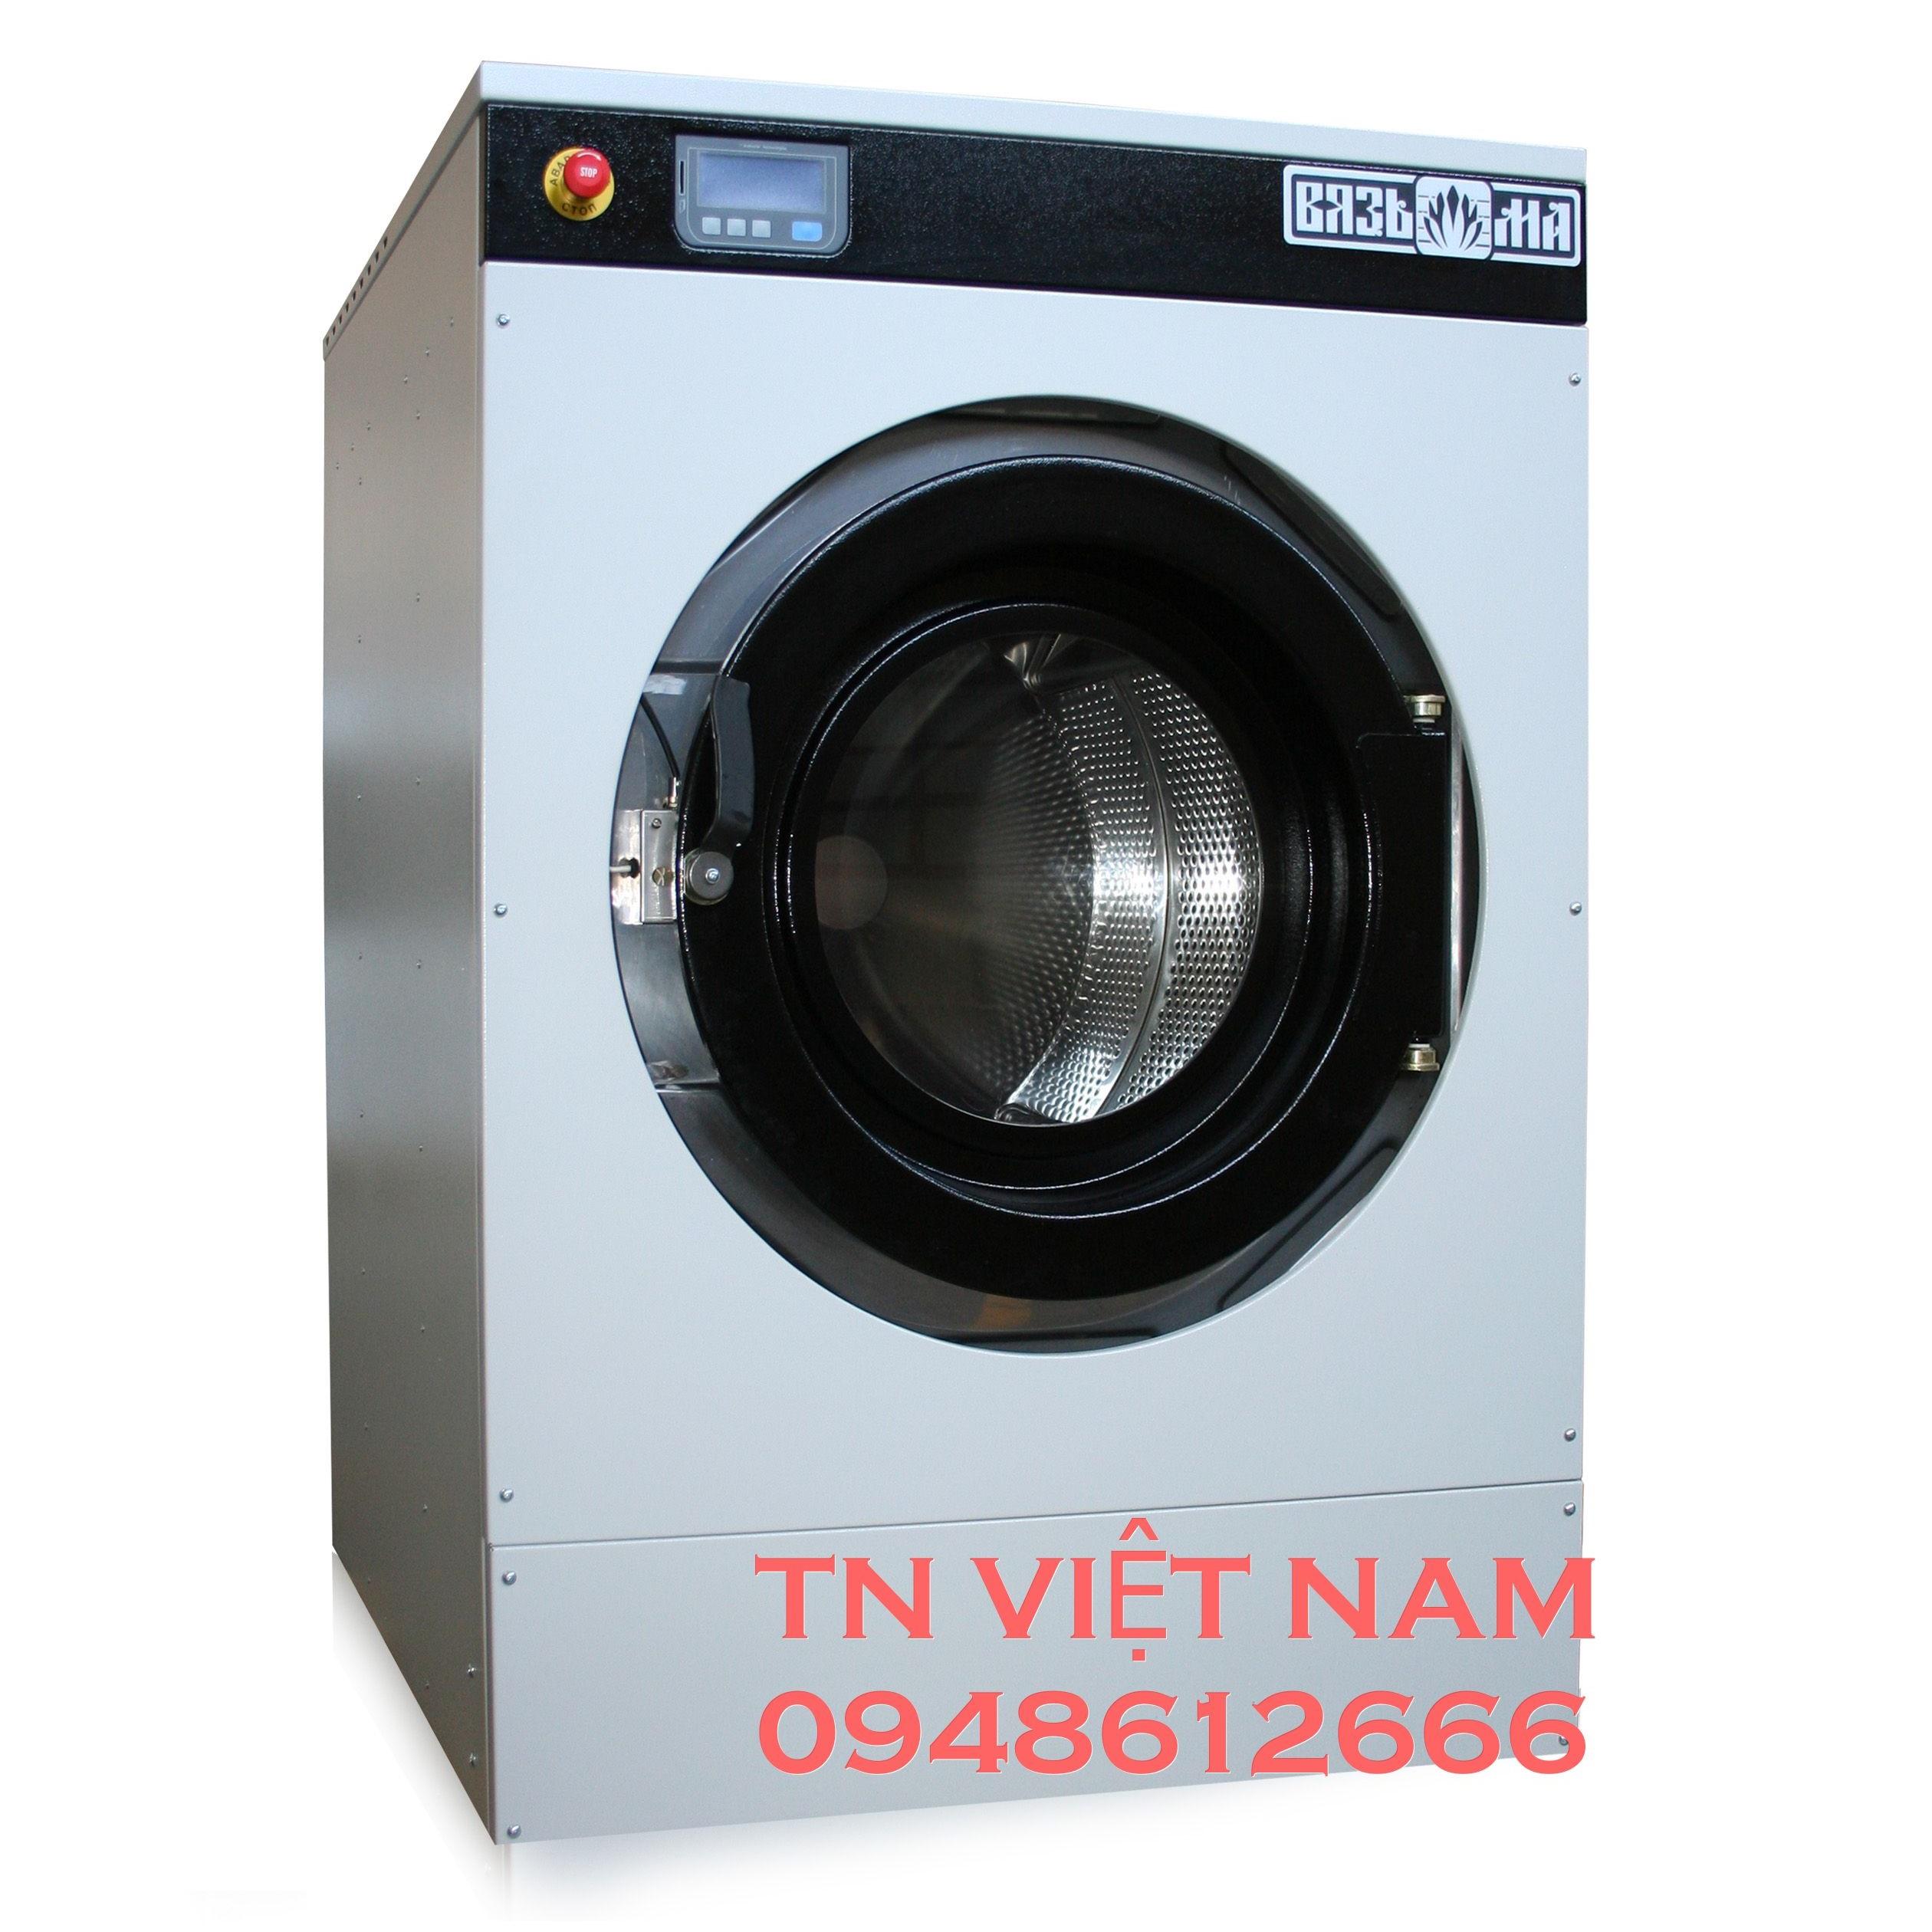 Máy giặt công nghiệp lồng treo VYAZMA công suất 10kg